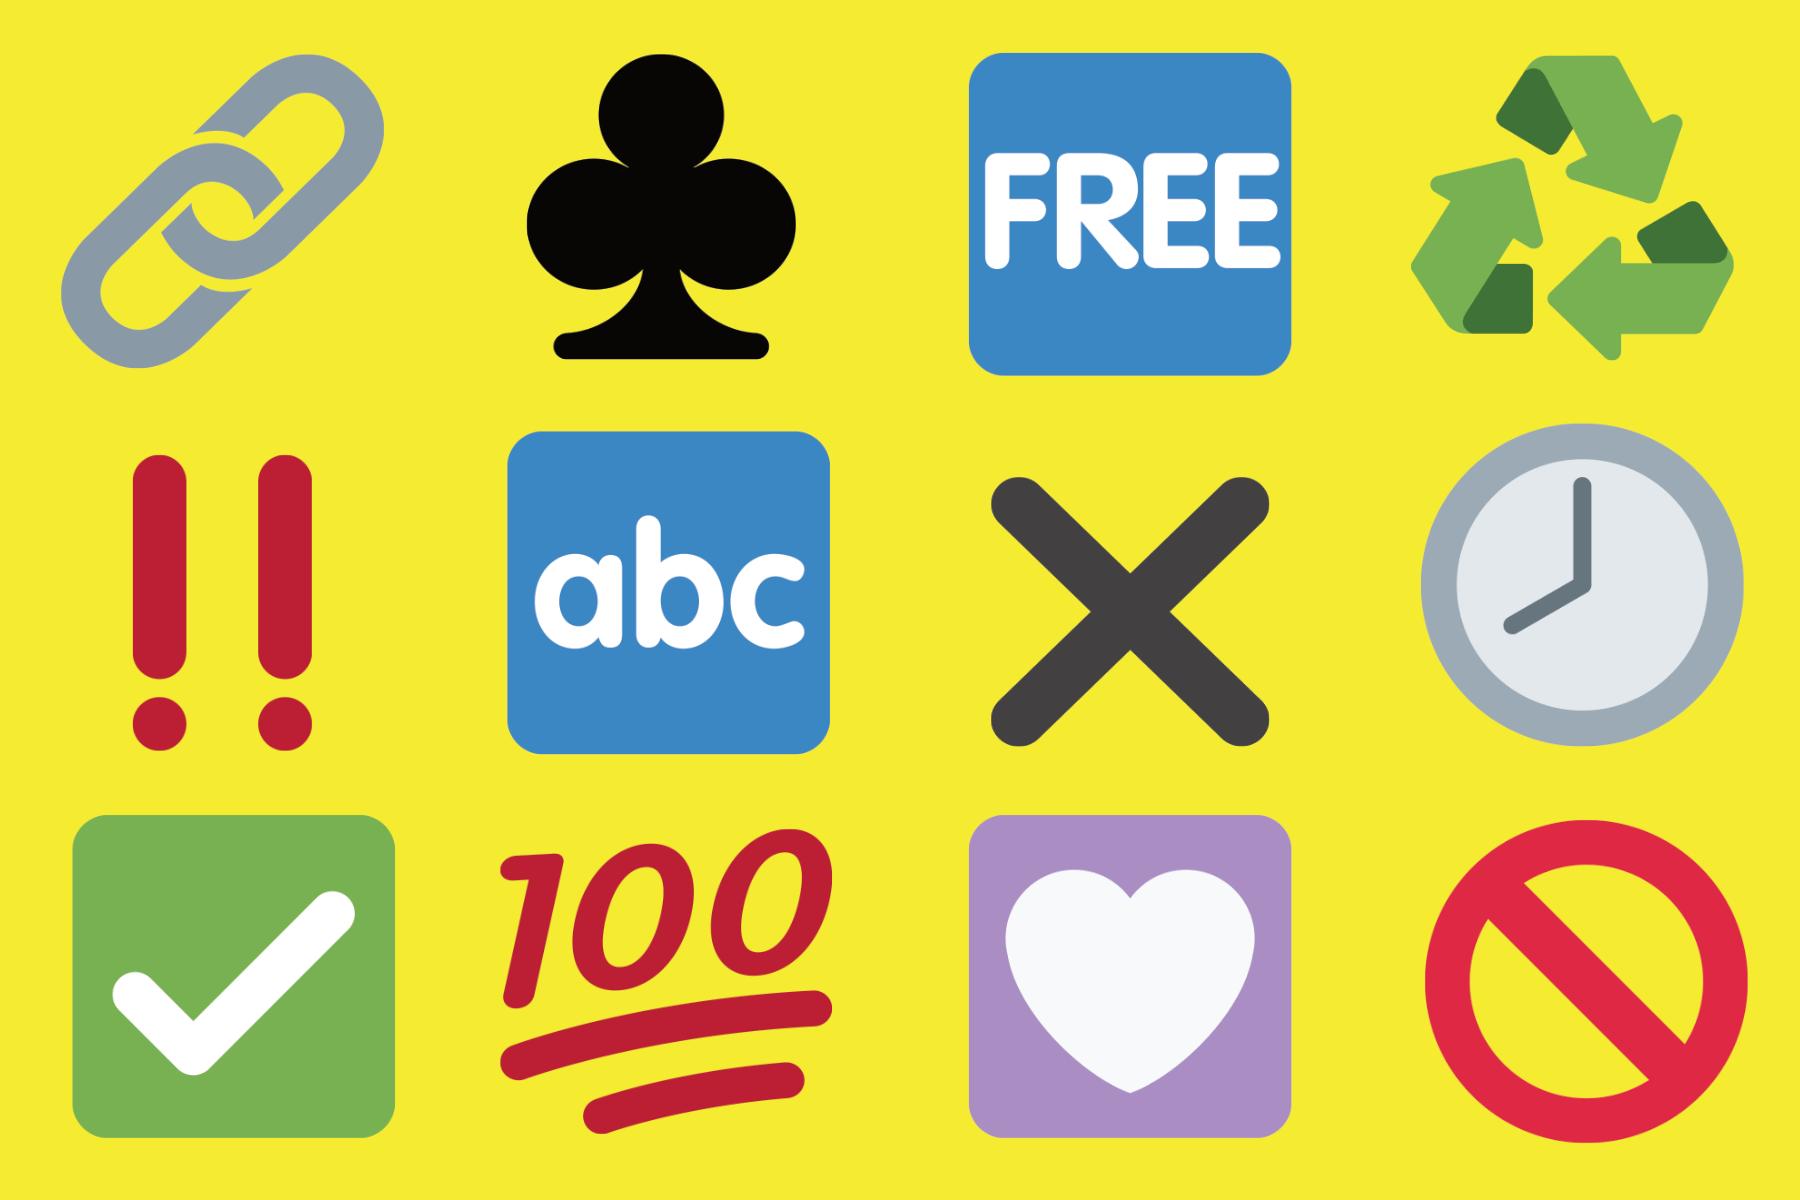 free emoji images large download